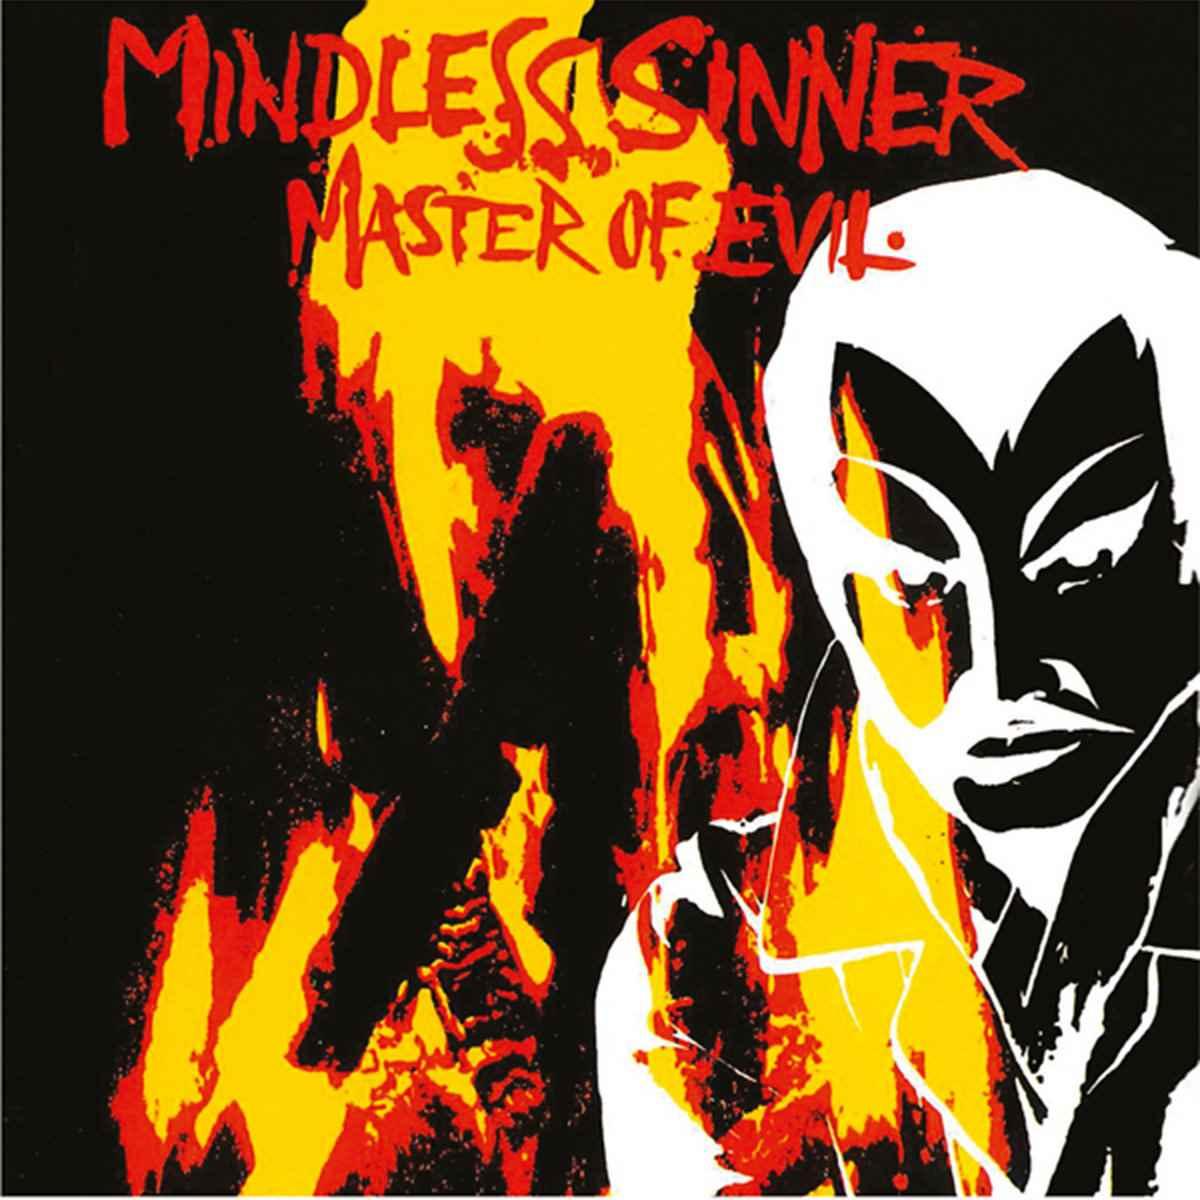 Mindless Sinner - Master Of Evil - album cover